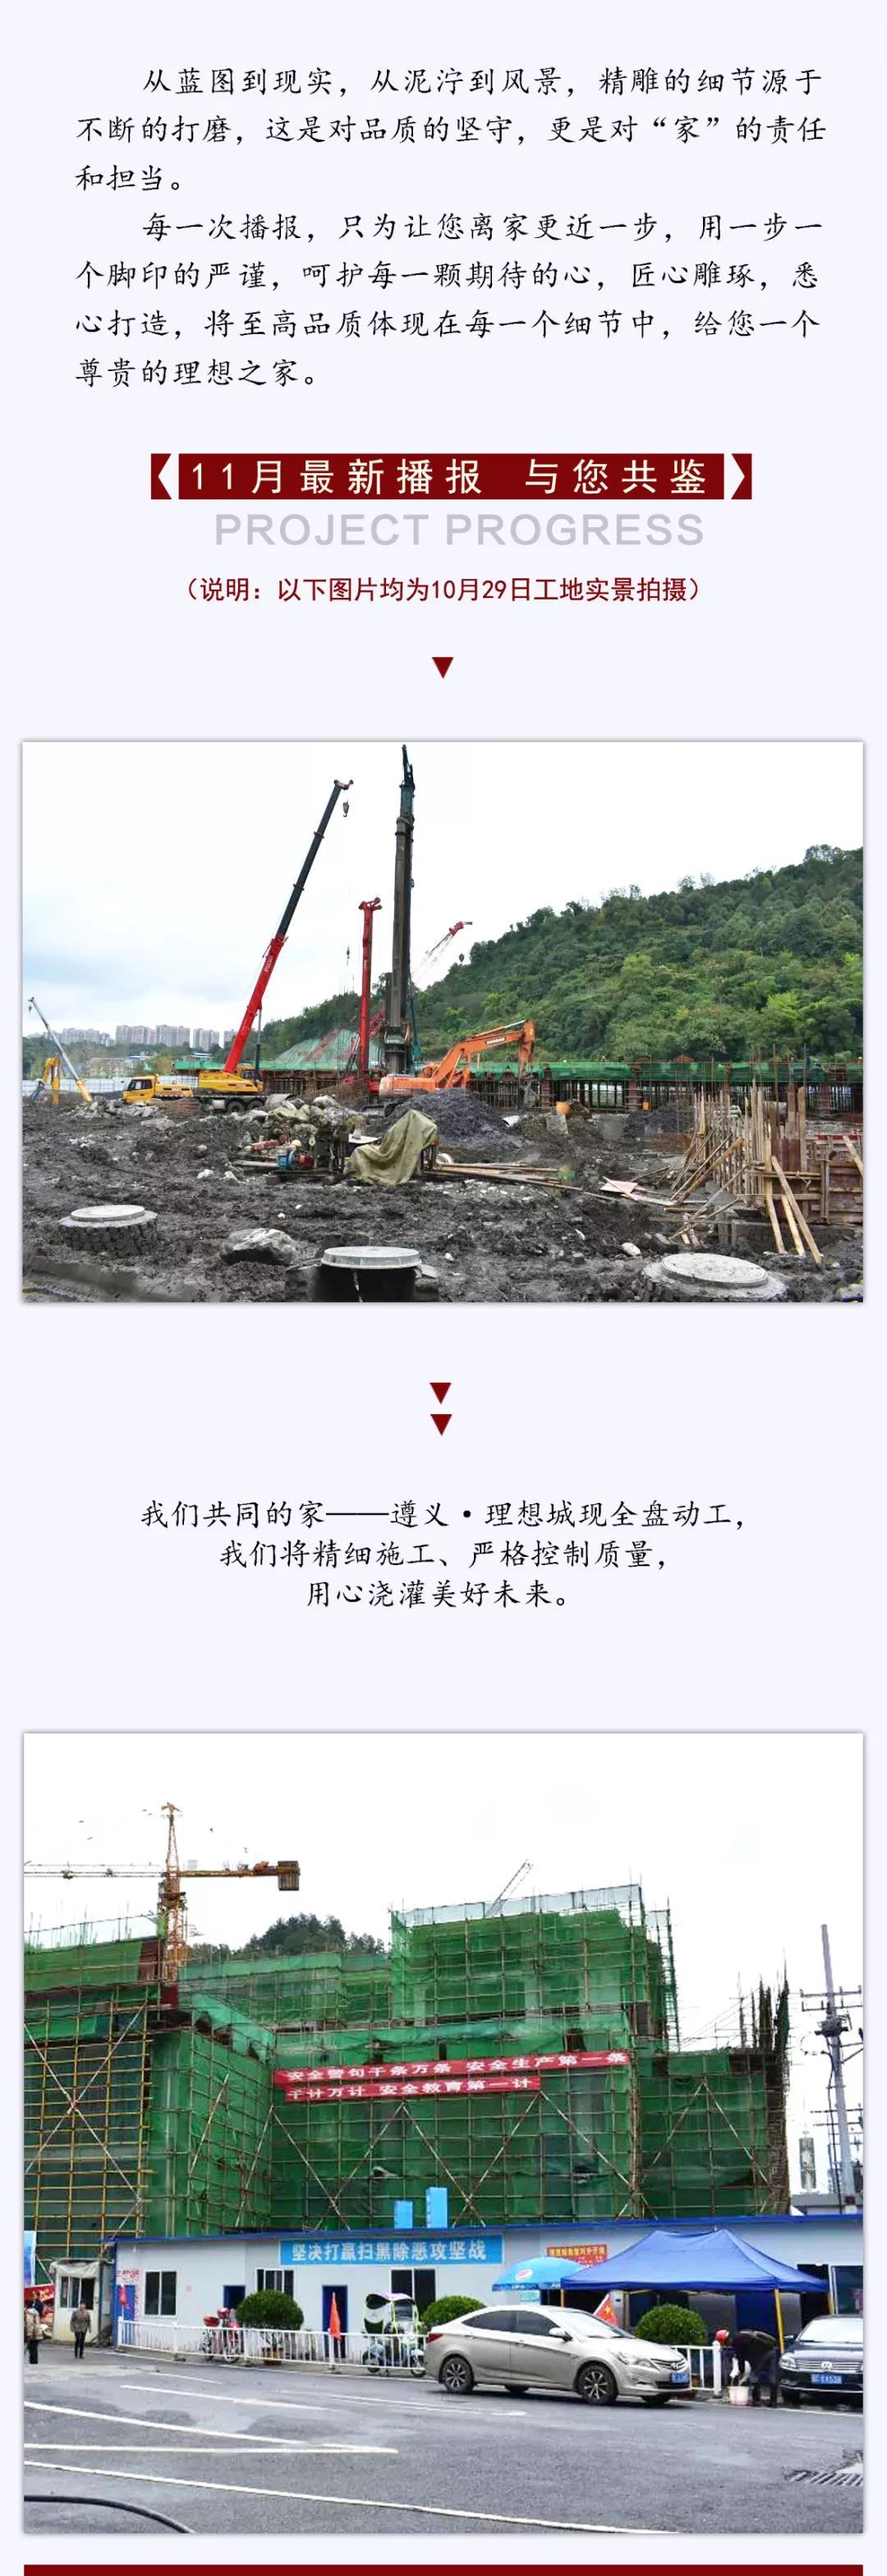 工程进度:遵义理想城全盘动工 铸造品质-中国网地产